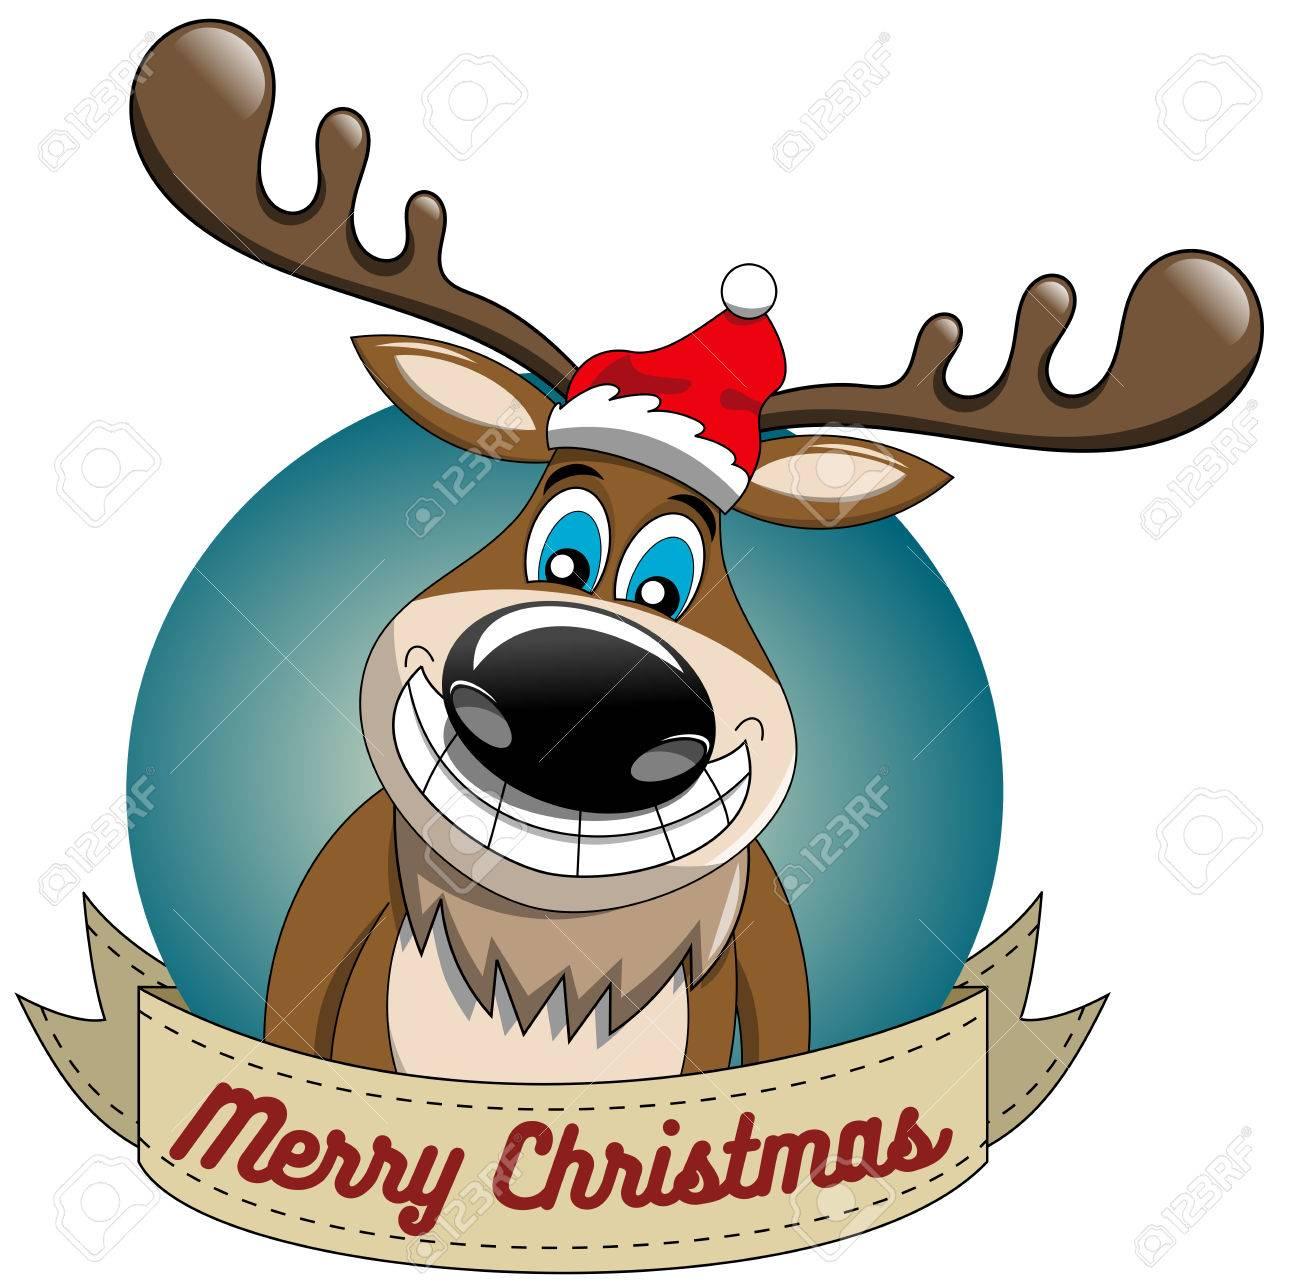 Frohe Weihnachten Lustige Bilder.Stock Photo